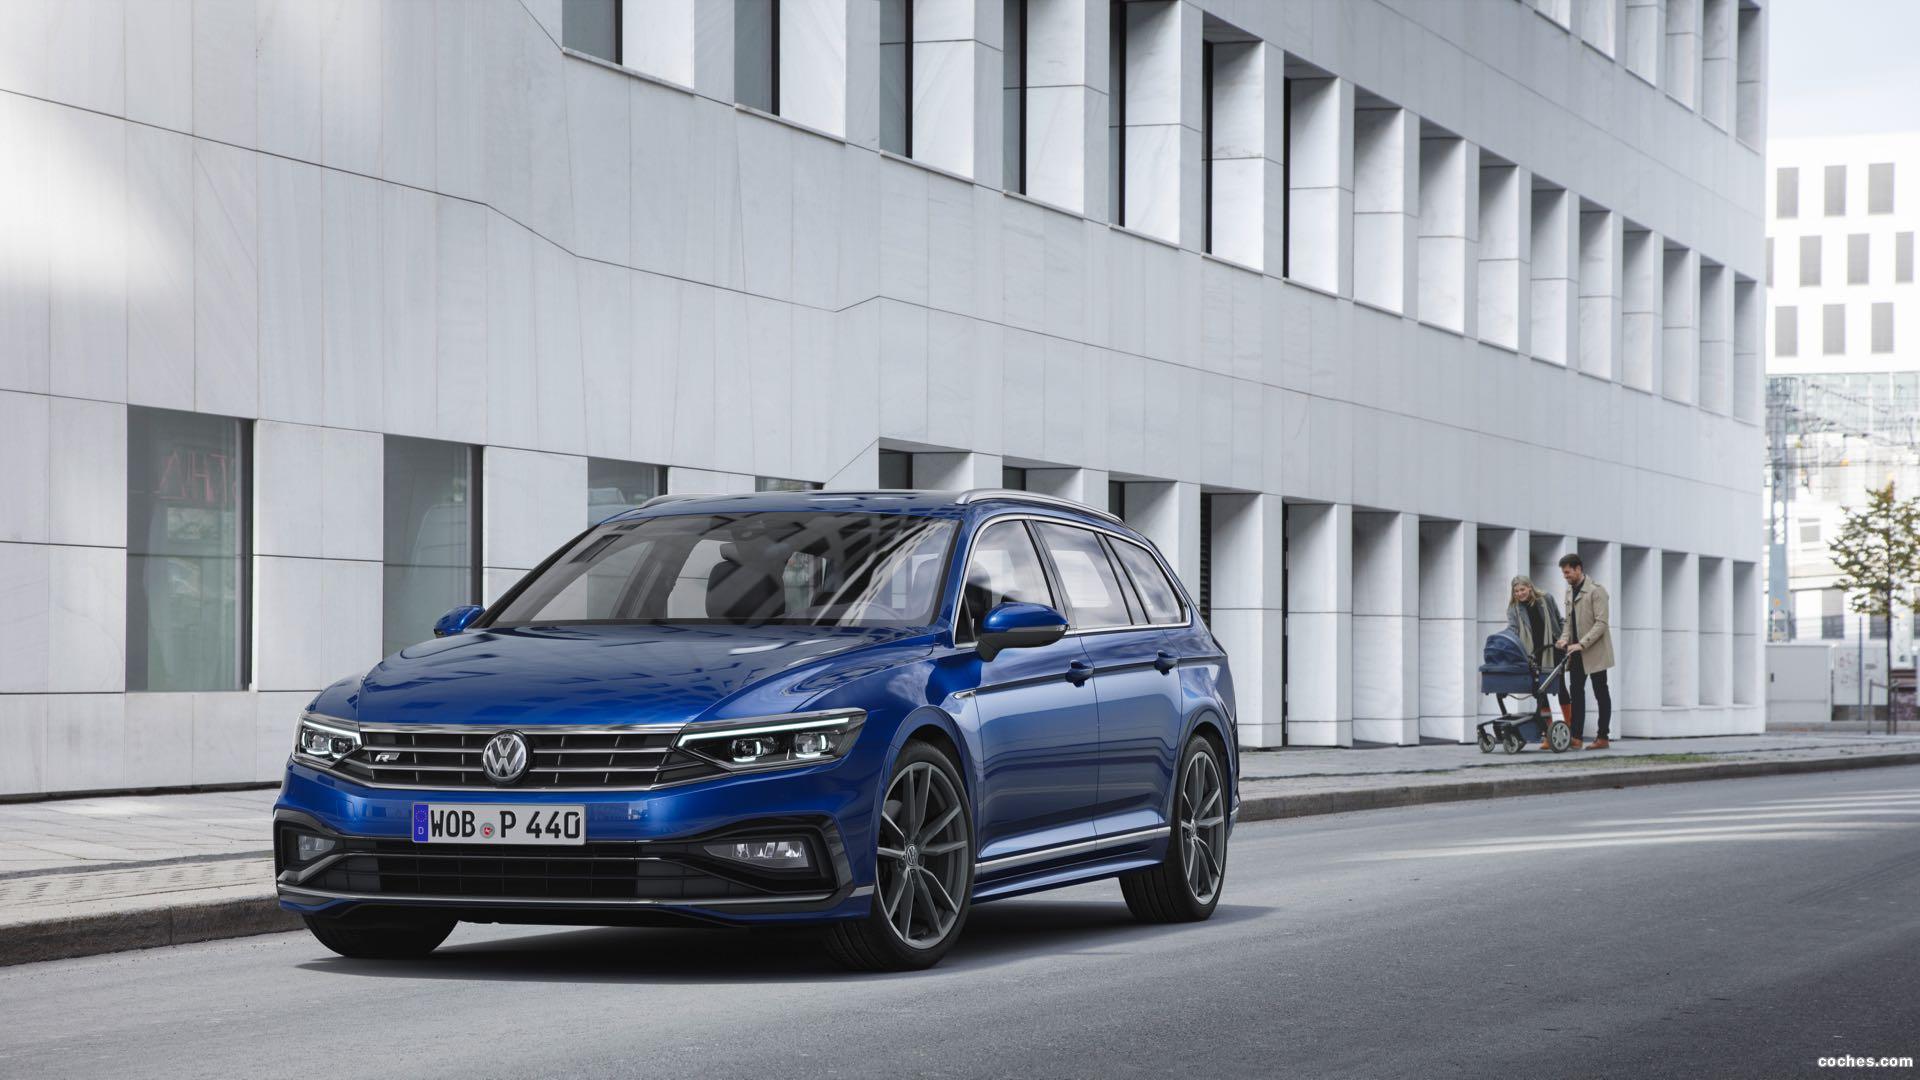 Foto 3 de Volkswagen Passat Variant R-Line 2019